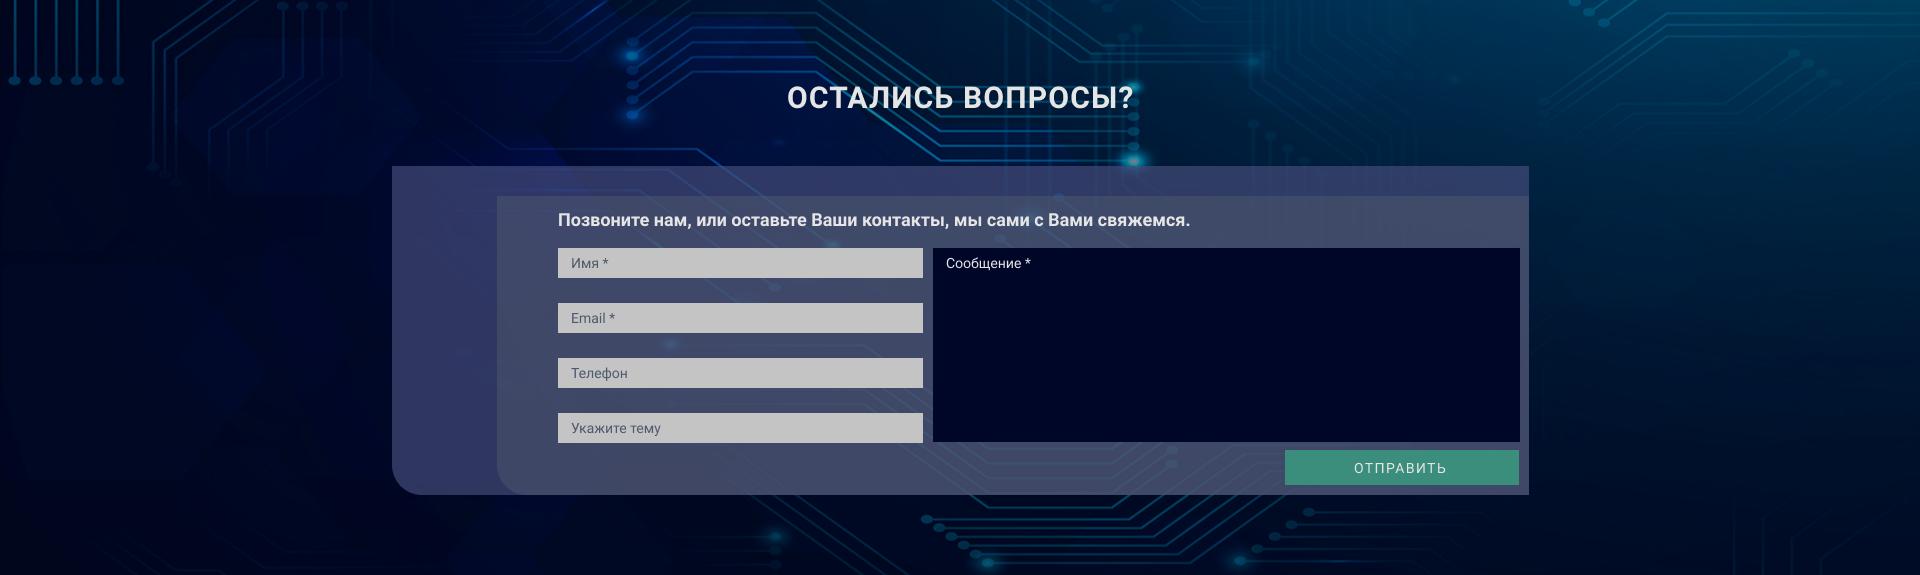 Разработать полностью новый дизайн сайта  фото f_2625fc16ee066400.png